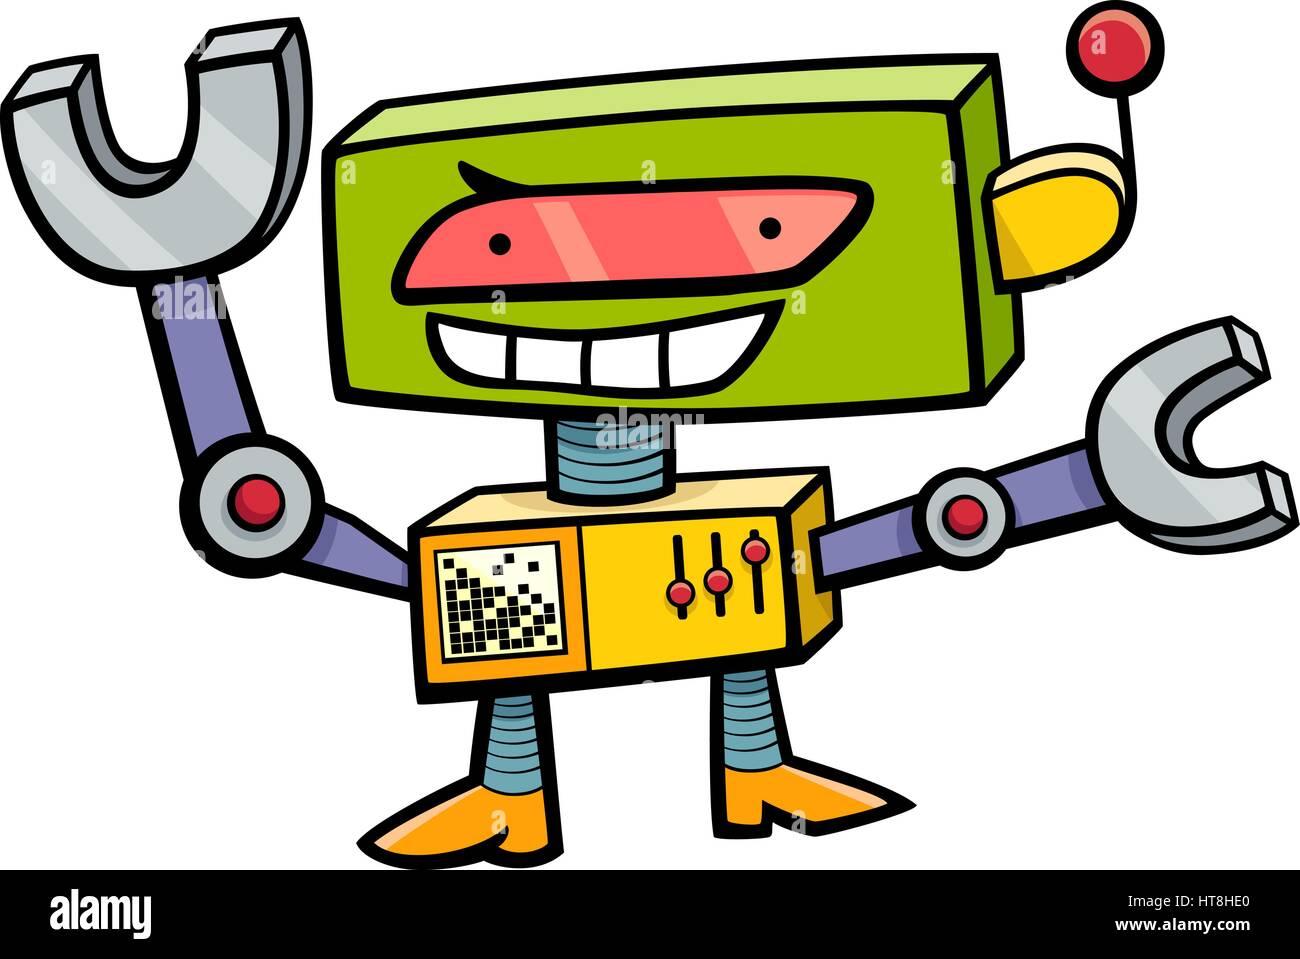 Ilustración De Dibujos Animados Divertido Robot Personaje